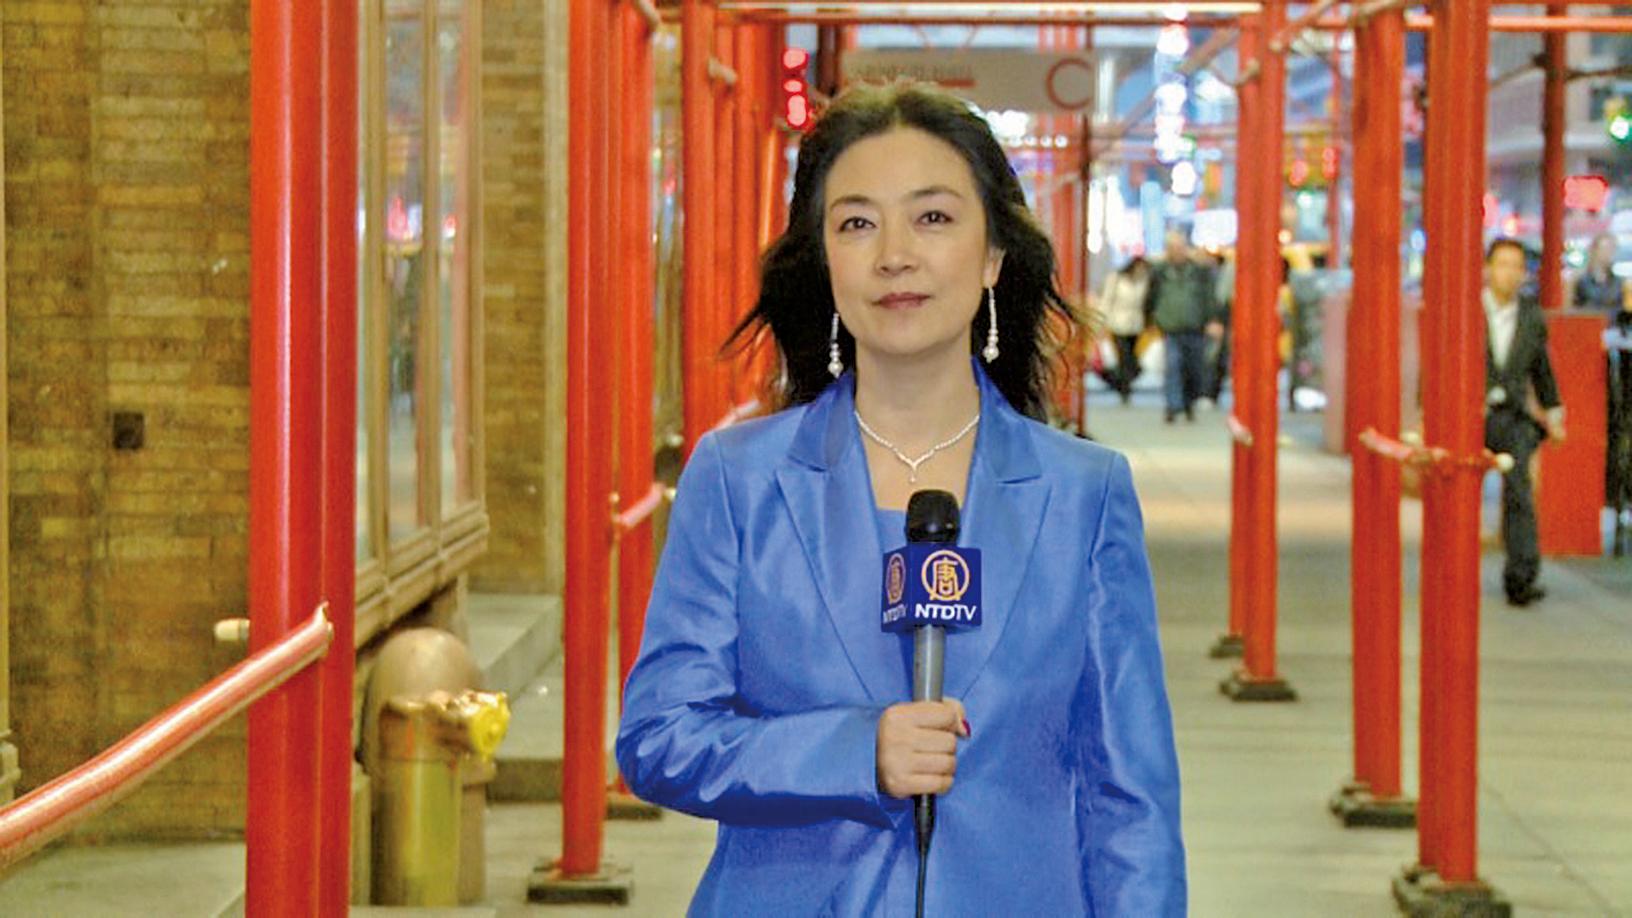 身在美國的英文《大紀元時報》記者曾錚,母親日前欲赴美探親時遭中共註銷護照。她去信美國總統特朗普呼籲保護記者在華家人。(曾錚博客圖片)